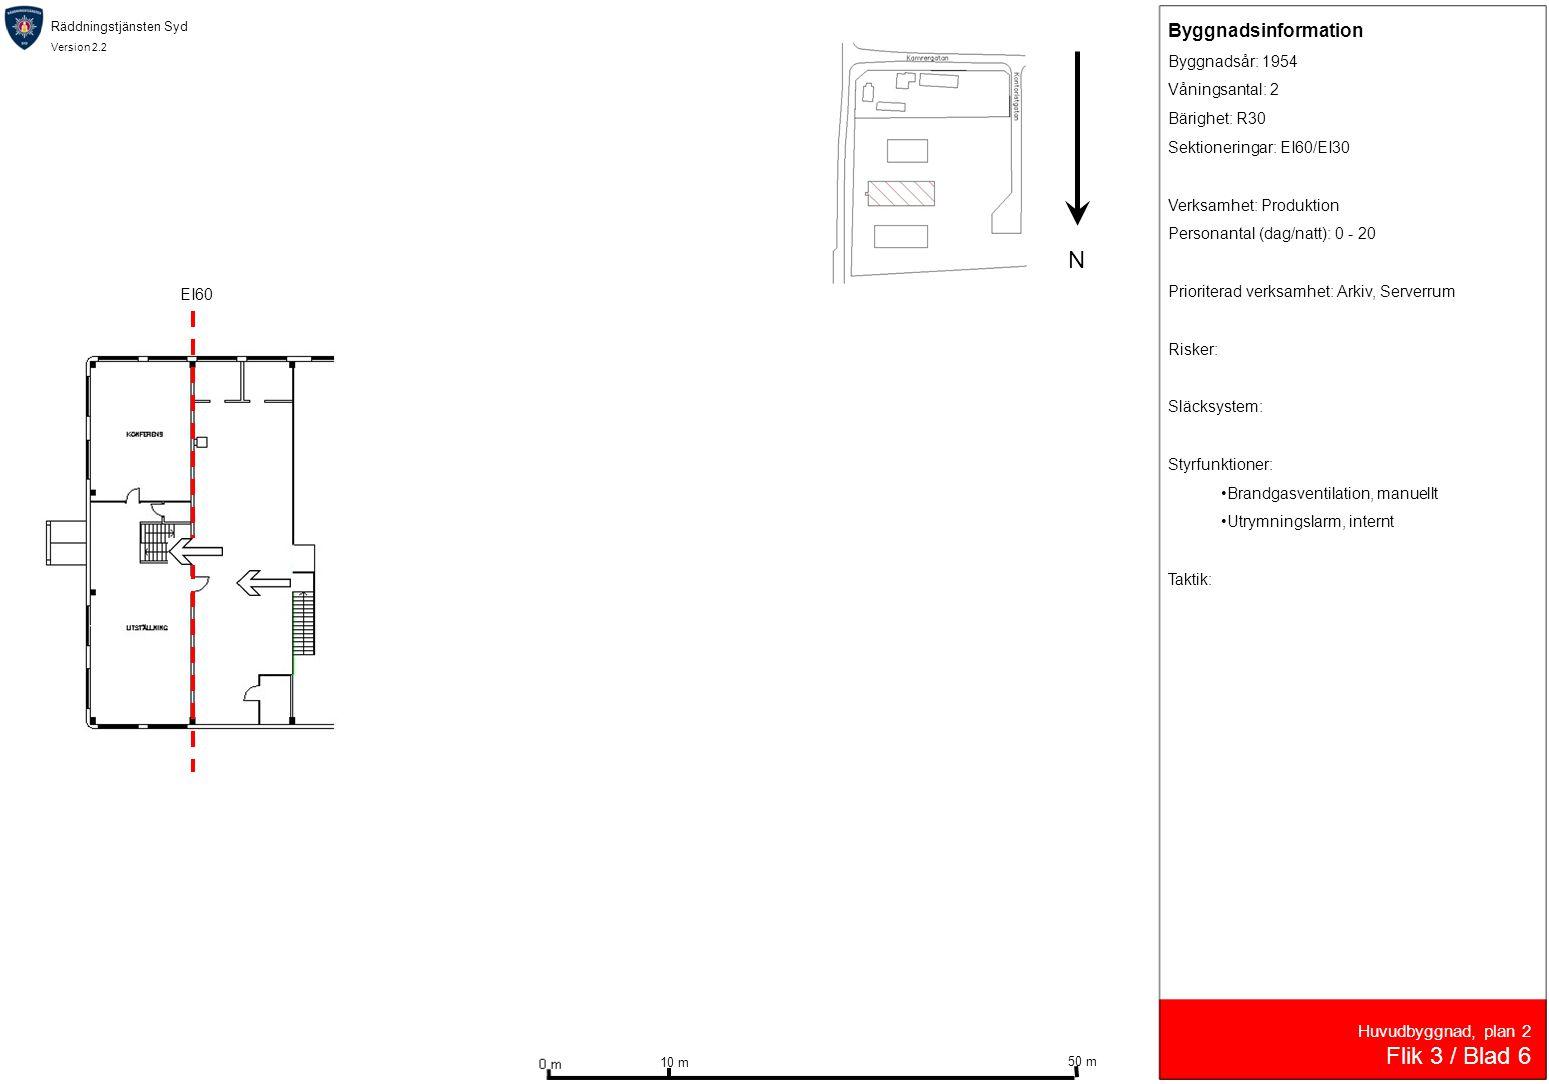 Räddningstjänsten Syd Version 2.2 Huvudbyggnad, plan 2 Flik 3 / Blad 6 EI60 N 10 m 50 m Byggnadsinformation Byggnadsår: 1954 Våningsantal: 2 Bärighet: R30 Sektioneringar: EI60/EI30 Verksamhet: Produktion Personantal (dag/natt): 0 - 20 Prioriterad verksamhet: Arkiv, Serverrum Risker: Släcksystem: Styrfunktioner: •Brandgasventilation, manuellt •Utrymningslarm, internt Taktik: